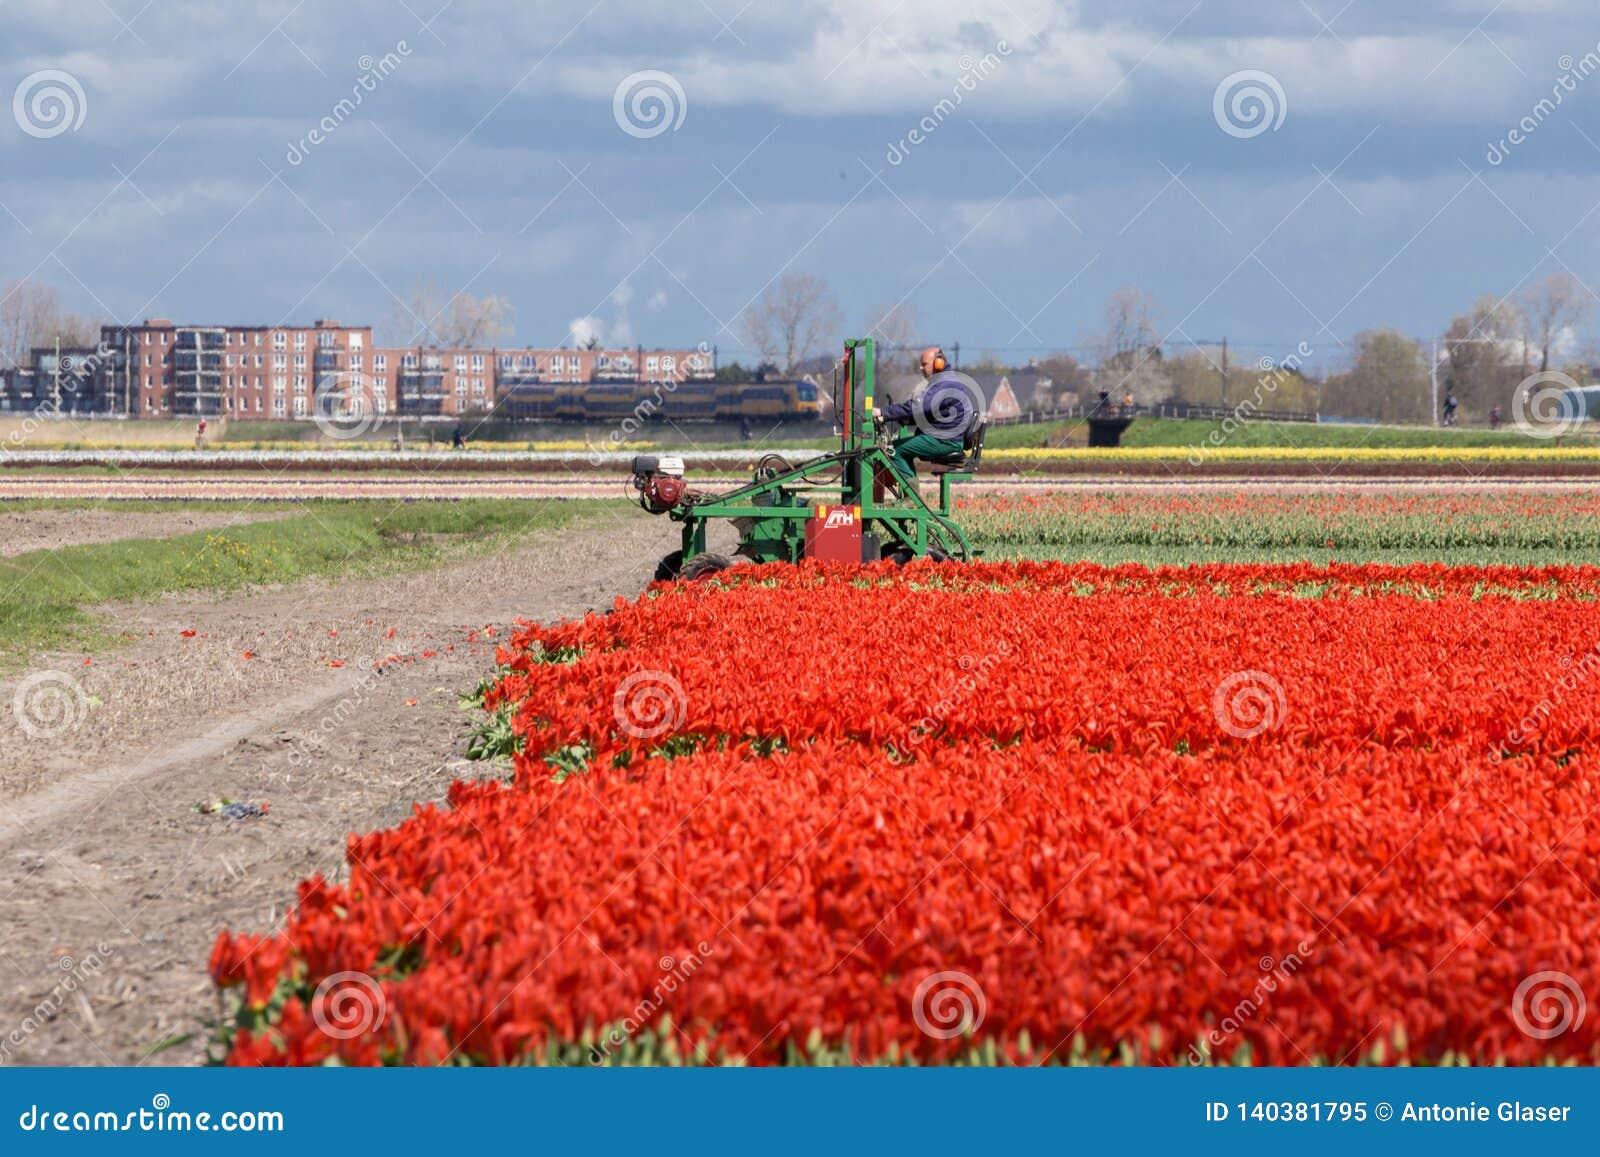 20 de marzo de 2016, los Países Bajos: Los tulipanes están en el flor lleno listo para ser cosechado como cada primavera